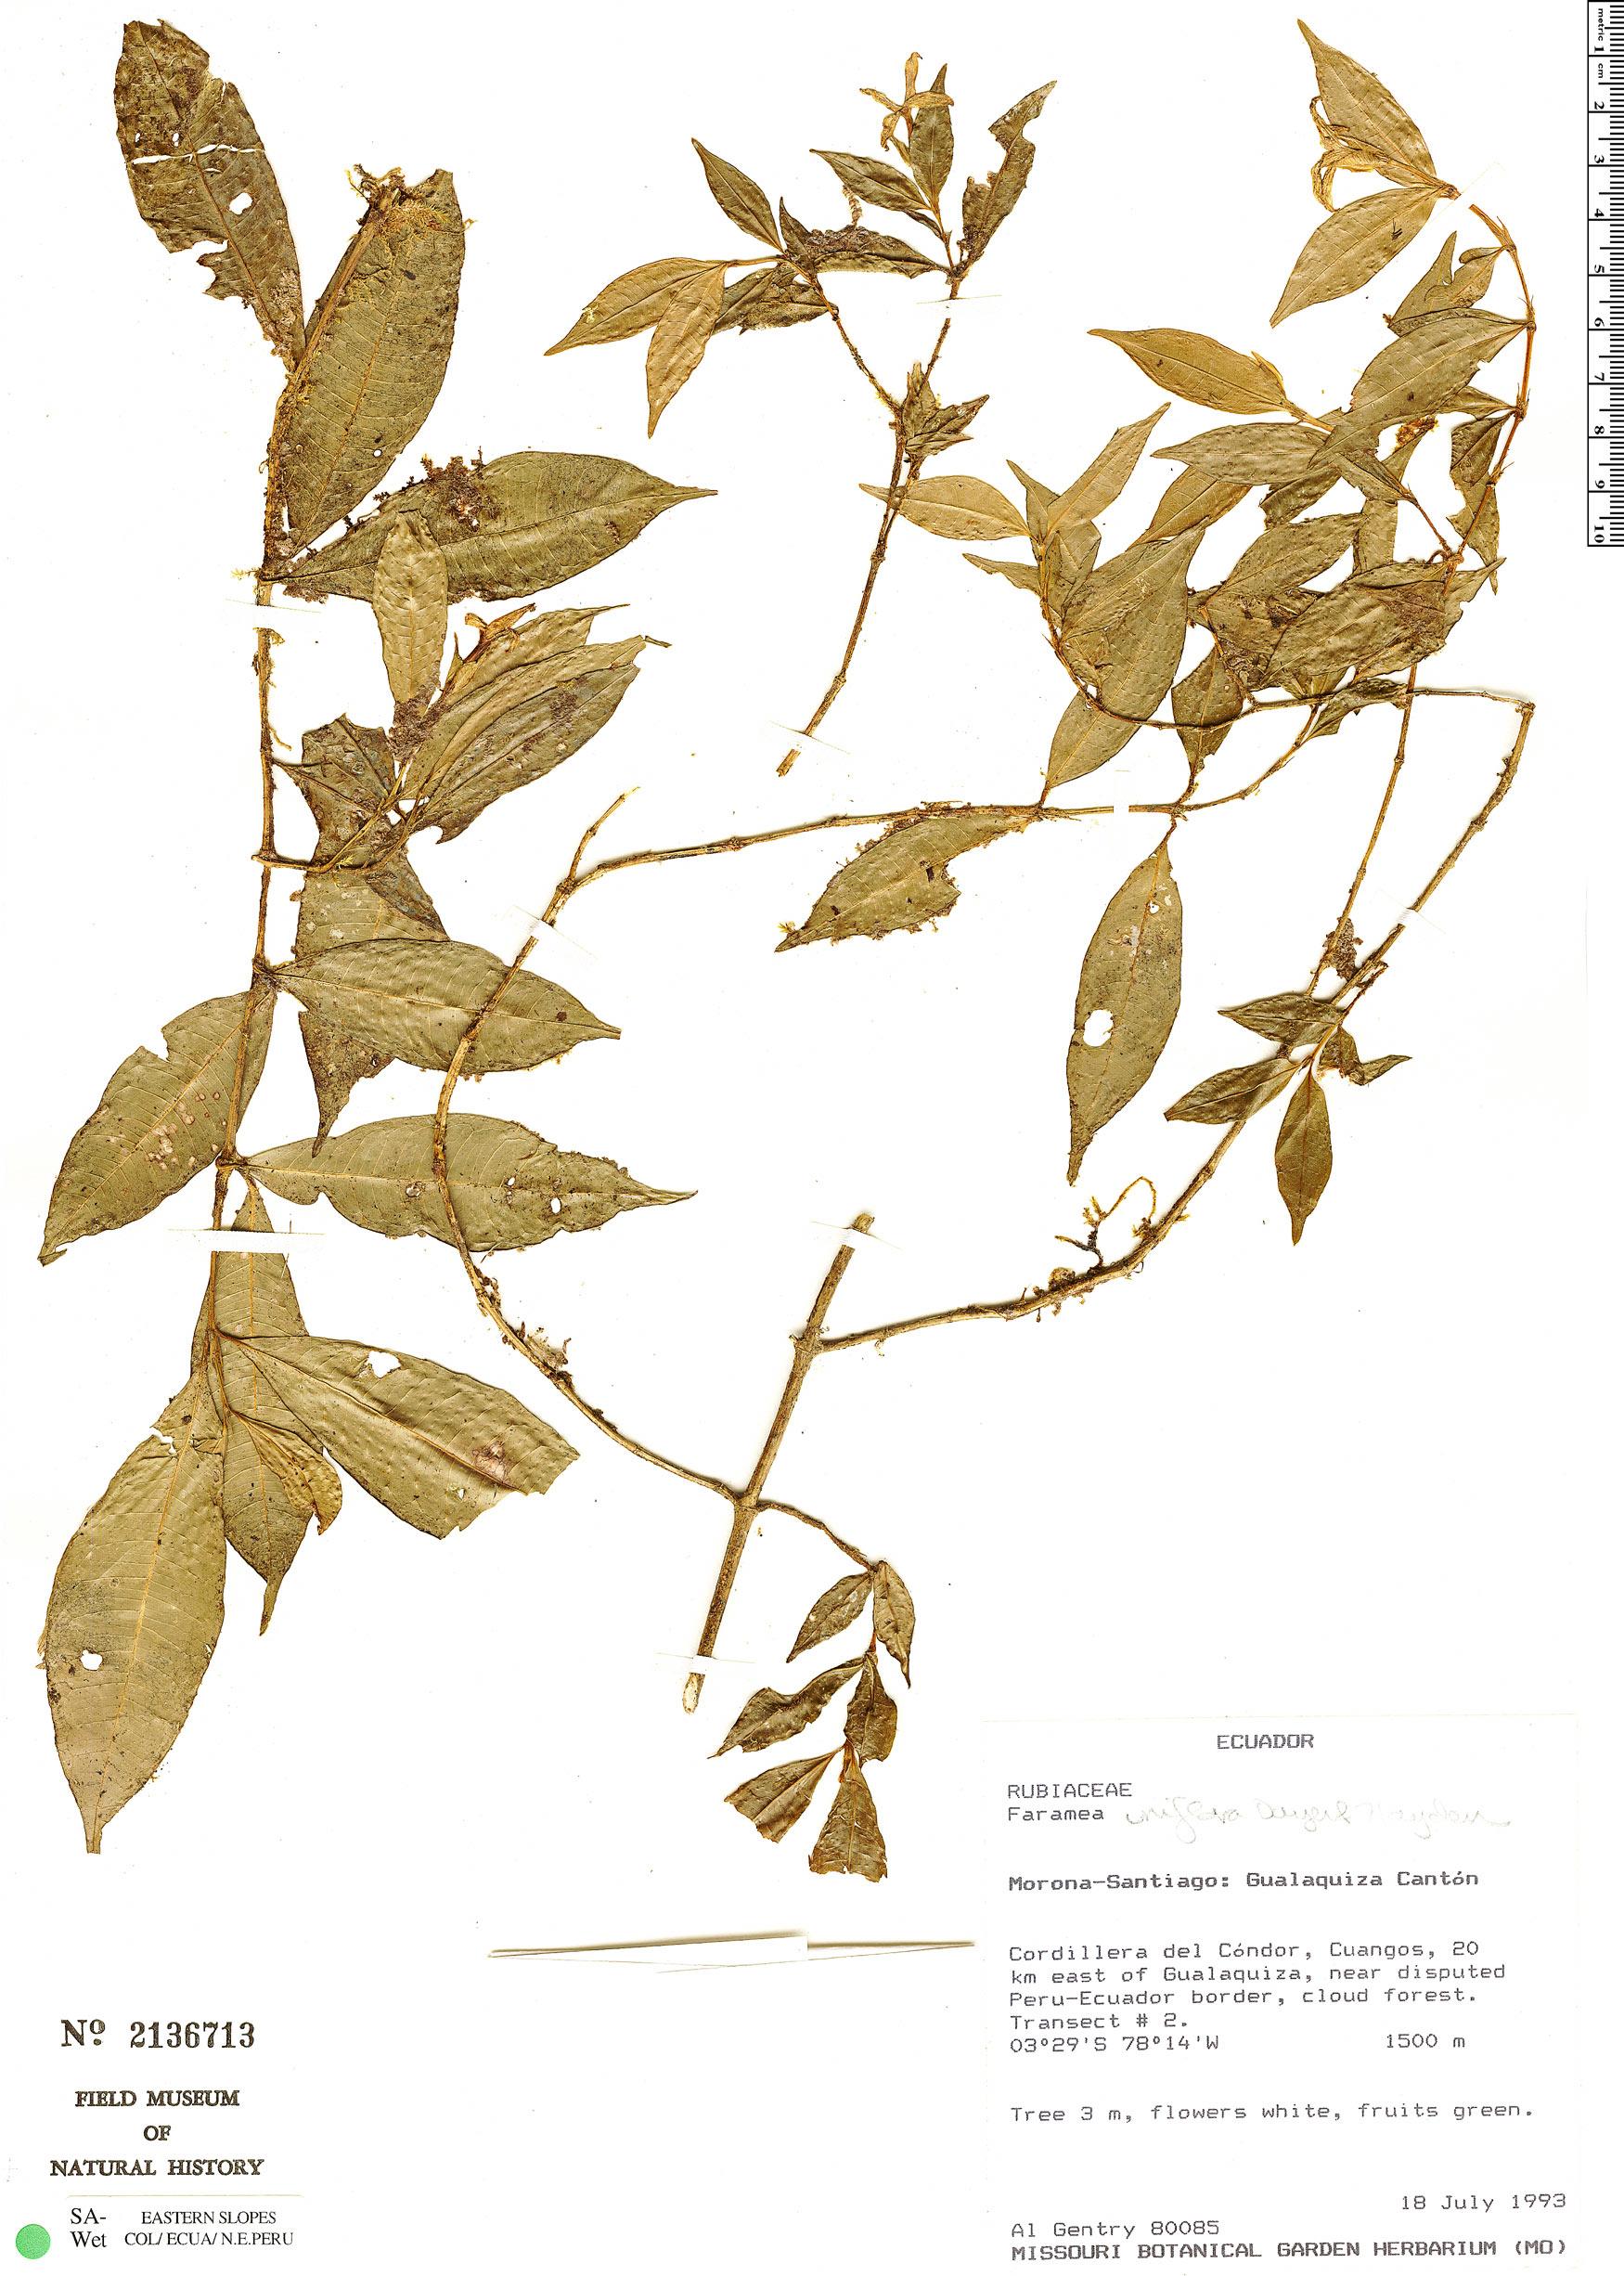 Specimen: Faramea uniflora